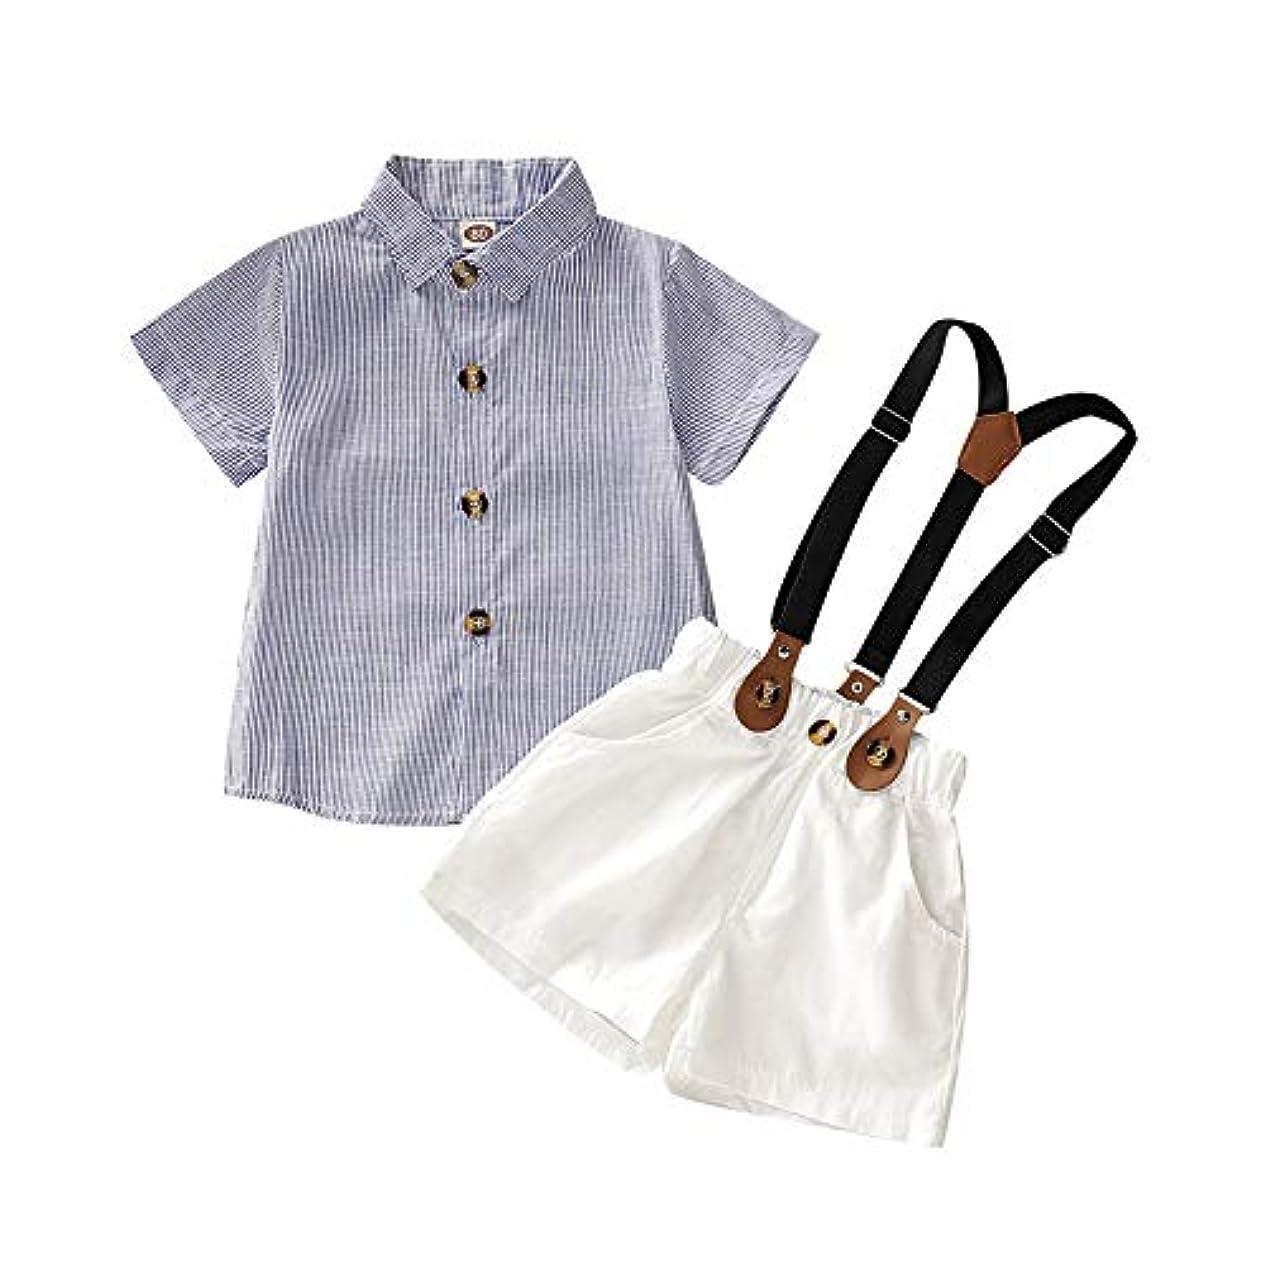 やむを得ない誰でも素朴なRad子供 夏の赤ちゃん男の子カジュアル半袖ストライププリントTシャツトップス+ストラップショーツコスチュームセット